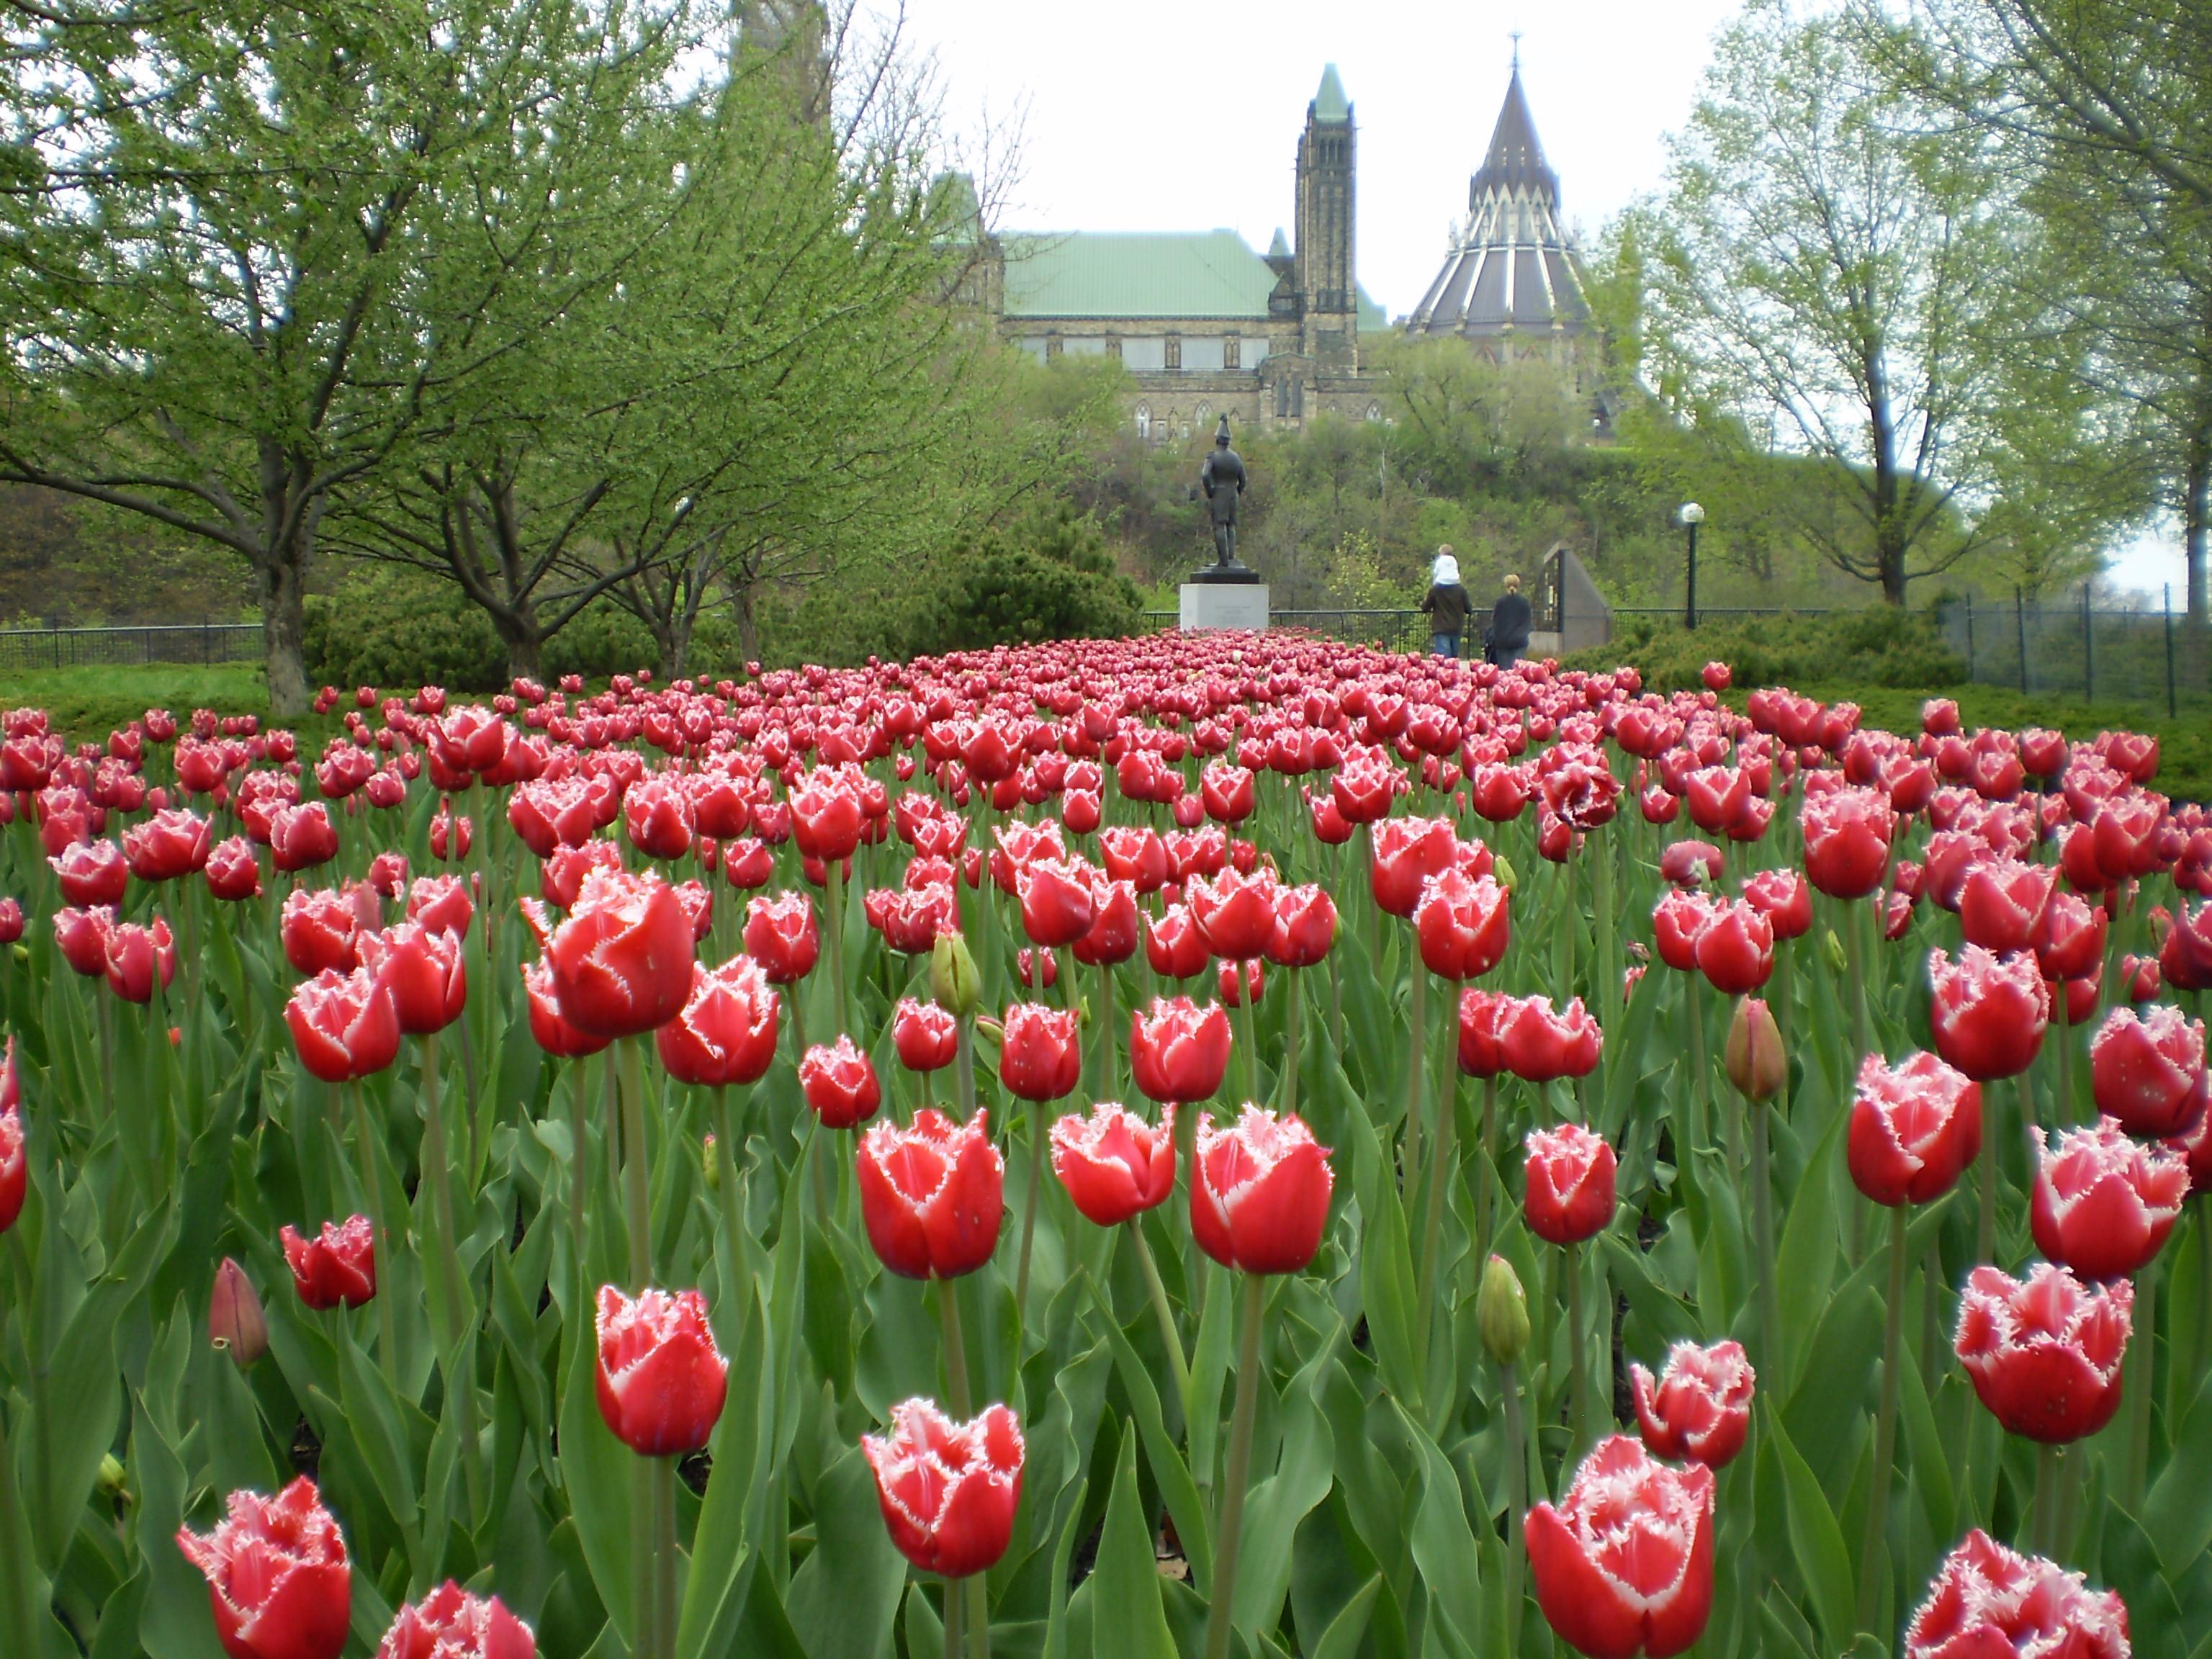 Tavasz és tulipánfesztivál Ottawában